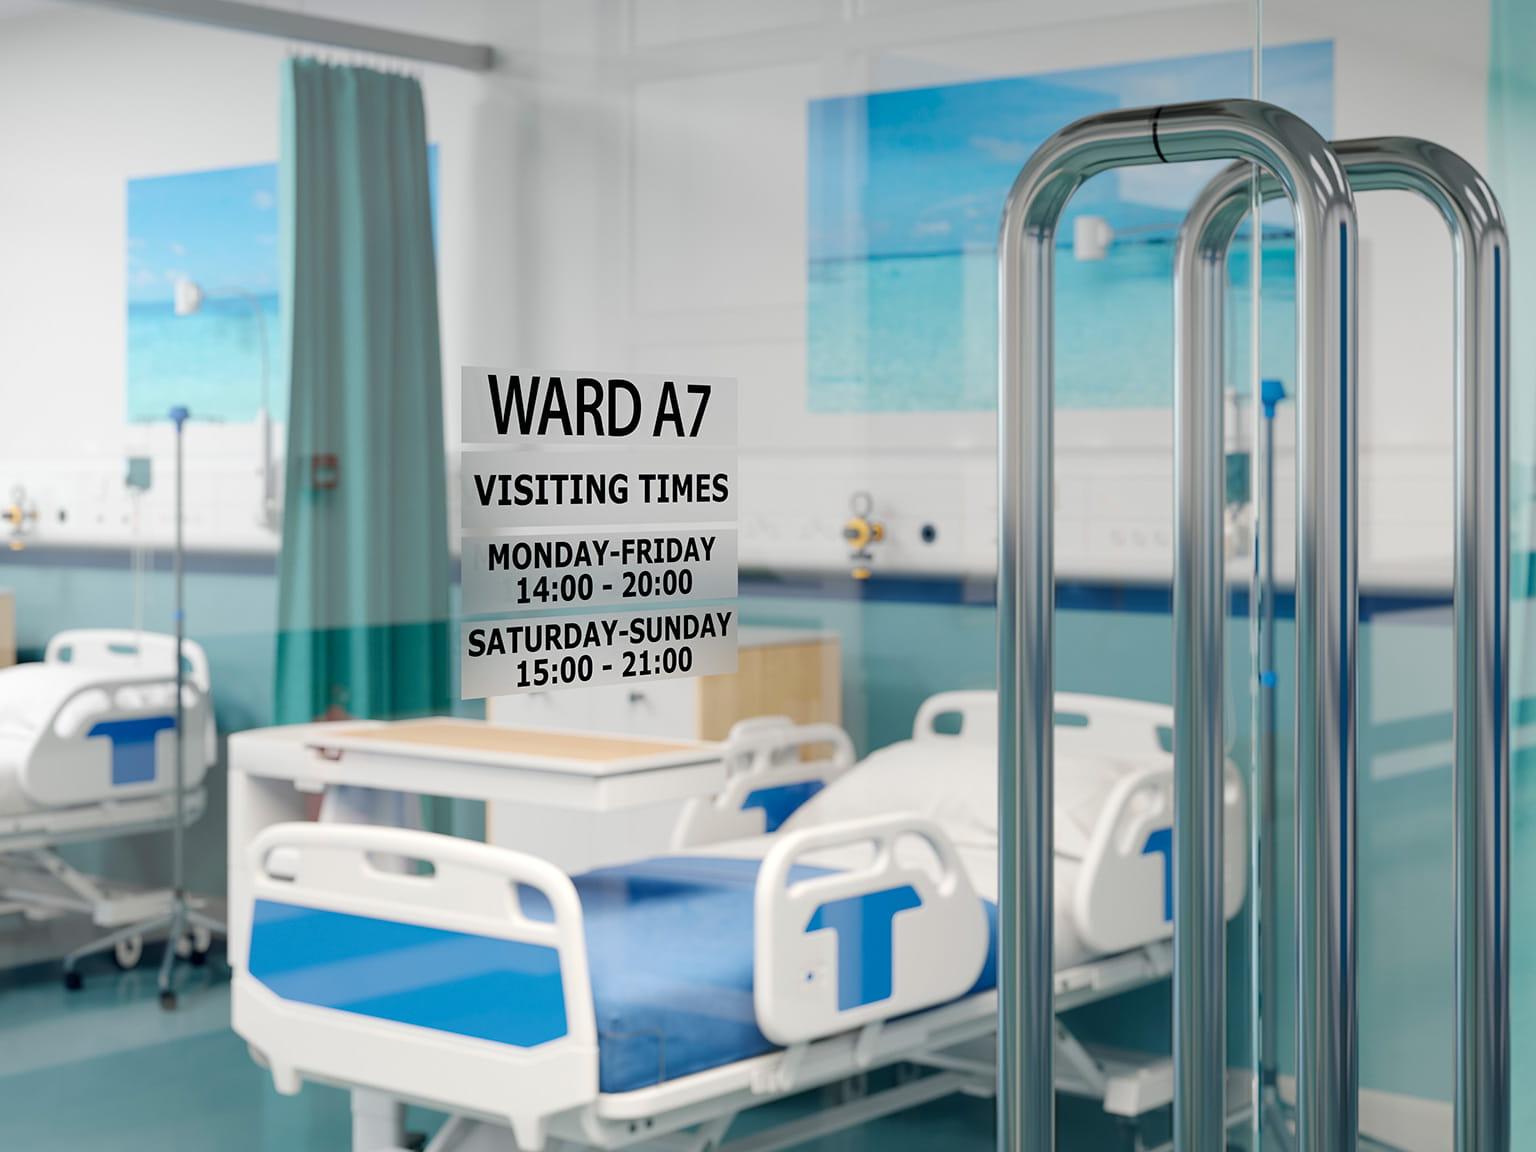 Etichetă P-touch TZe negru pe transparent pe ușă în spital